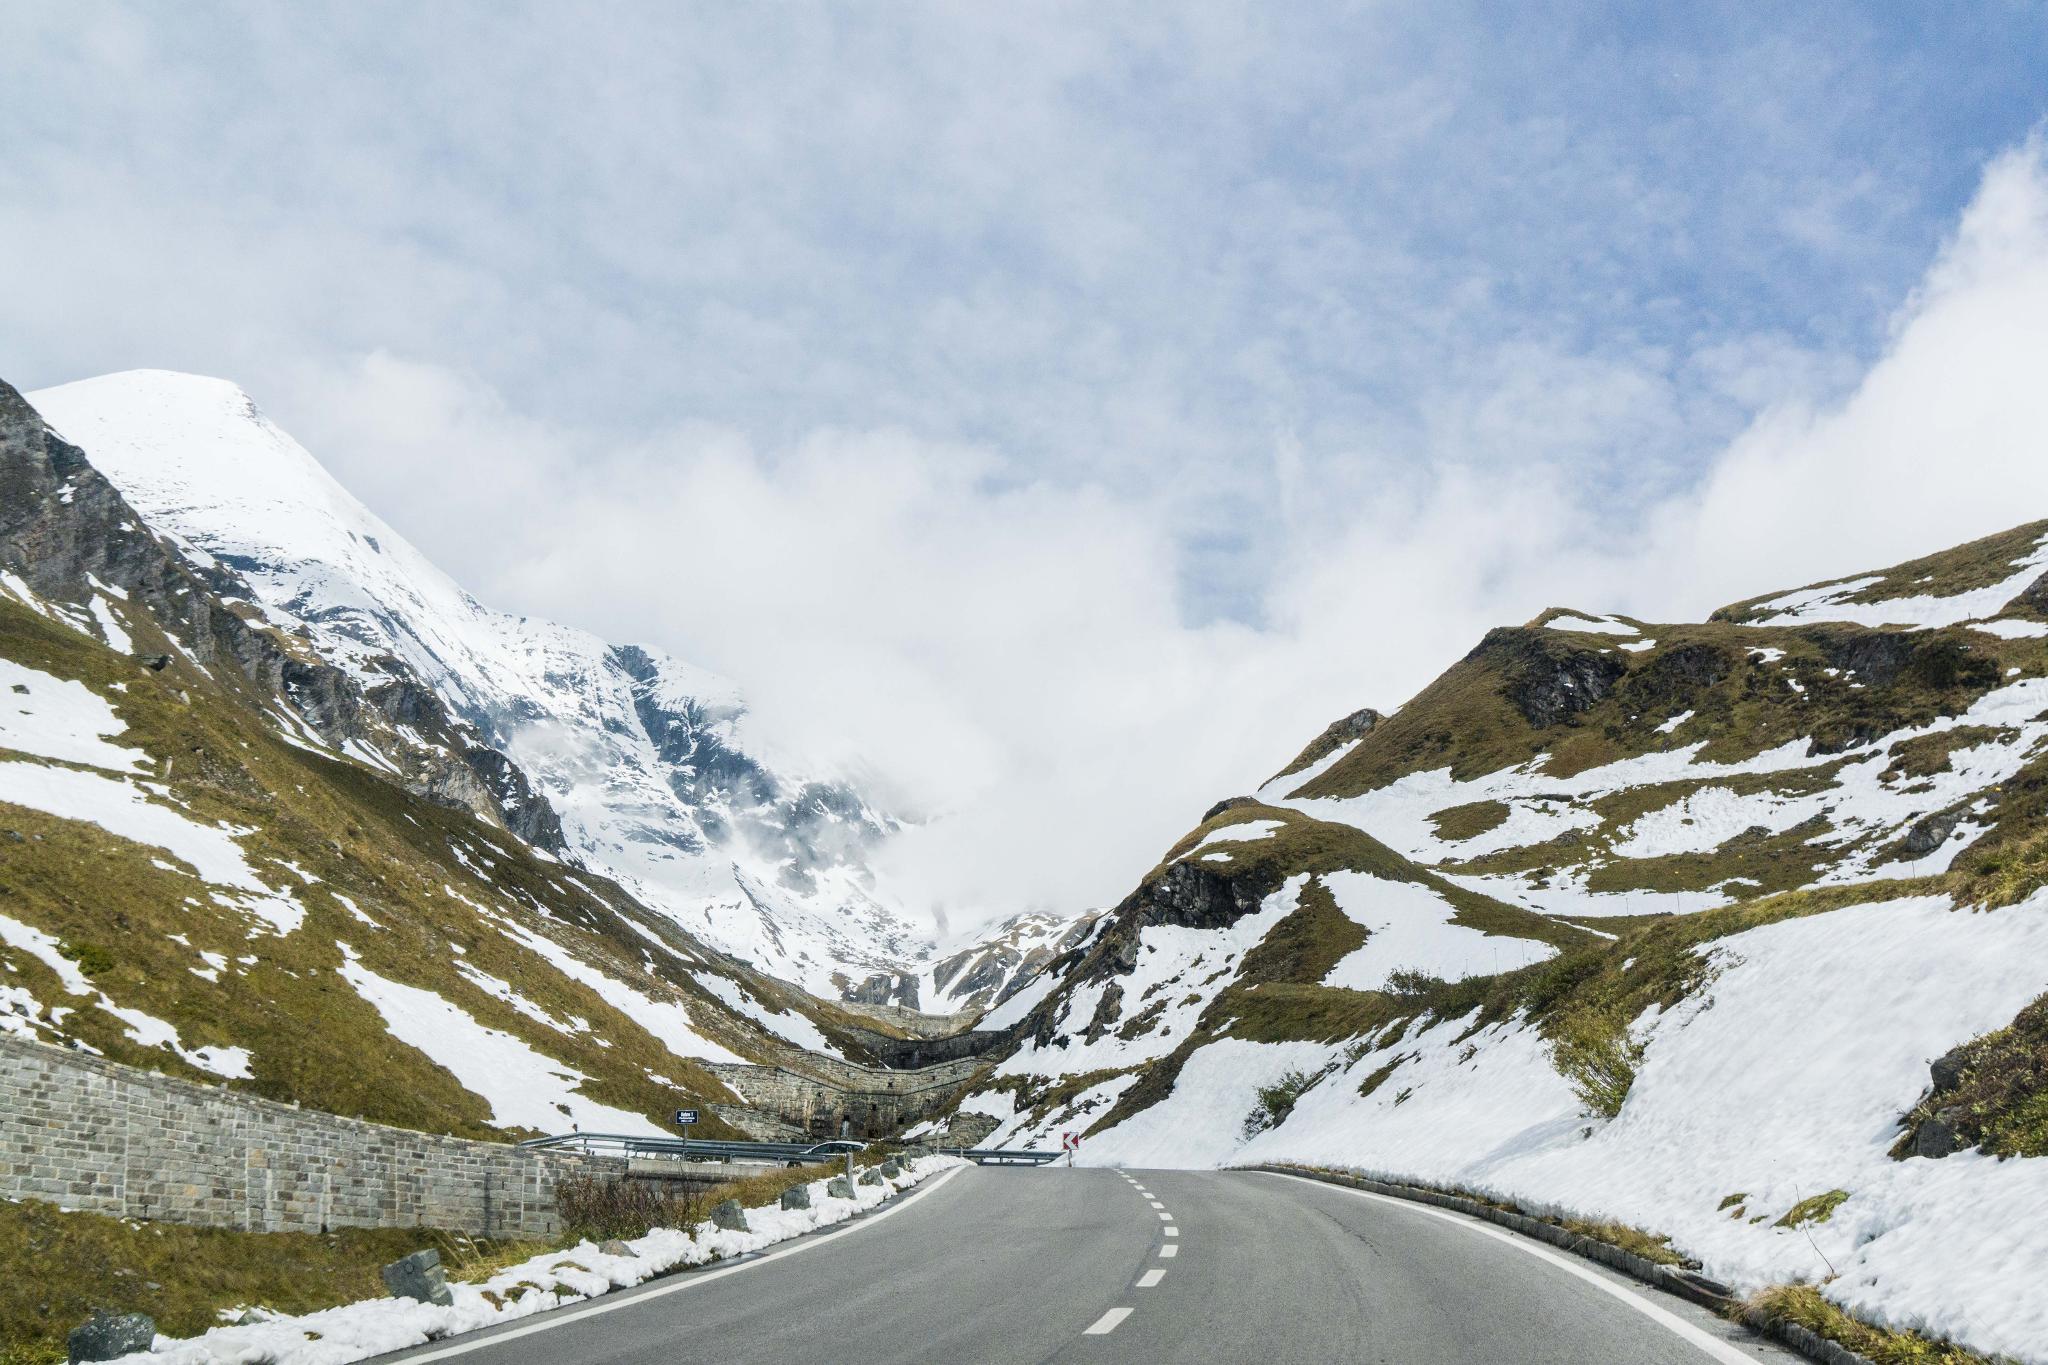 【奧地利】穿越阿爾卑斯之巔 — 奧地利大鐘山冰河公路 (Grossglockner High Alpine Road) 21